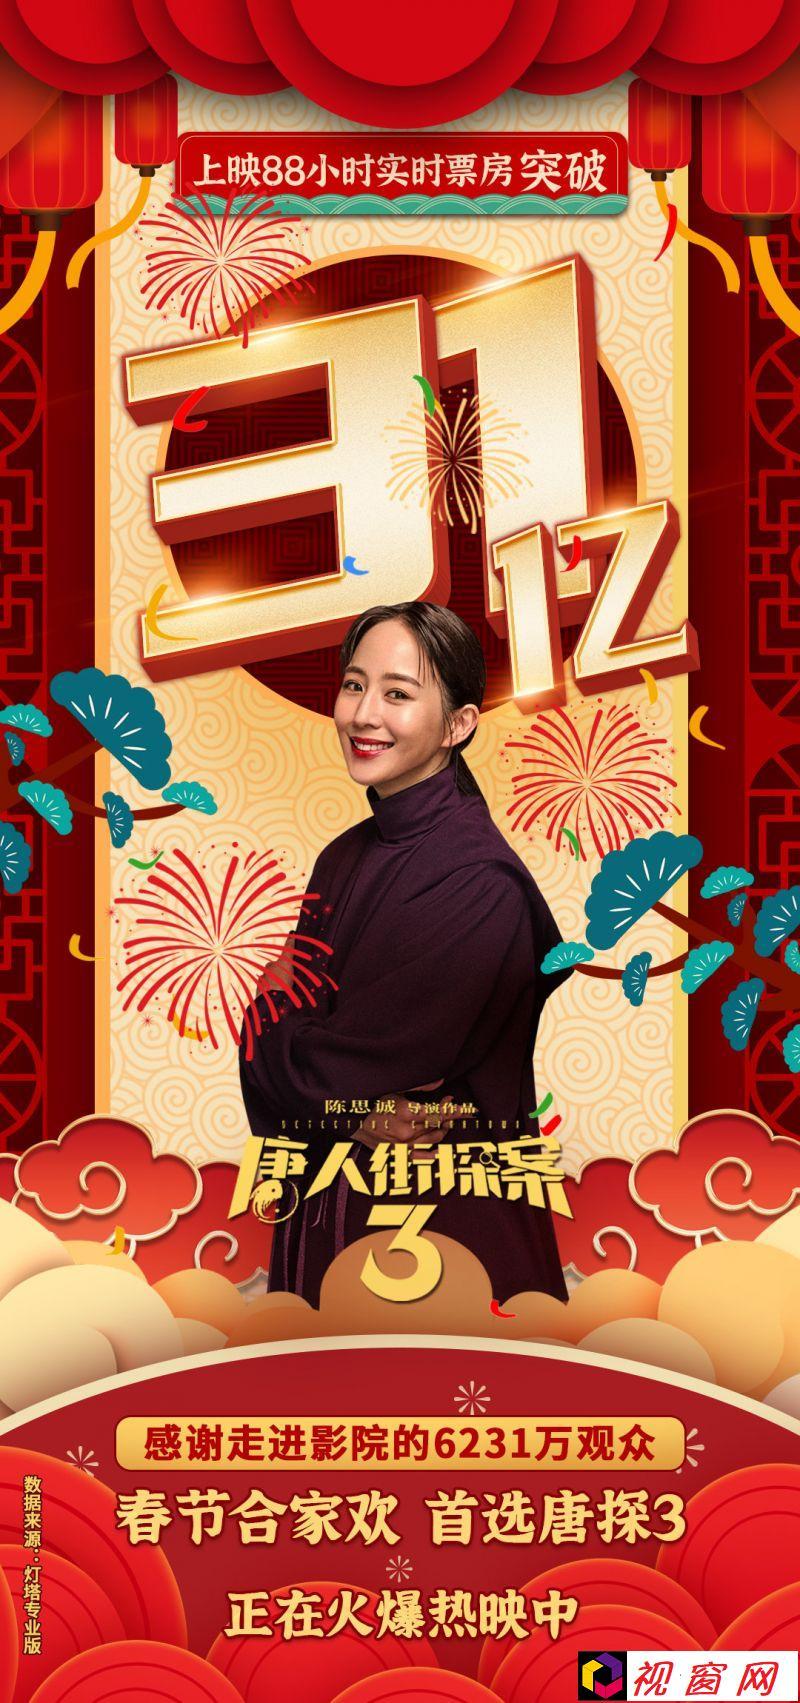 电影《唐人街探案3》票房破31亿,成为中国影史票房榜No.9!春节档档期过半总票房超60亿!